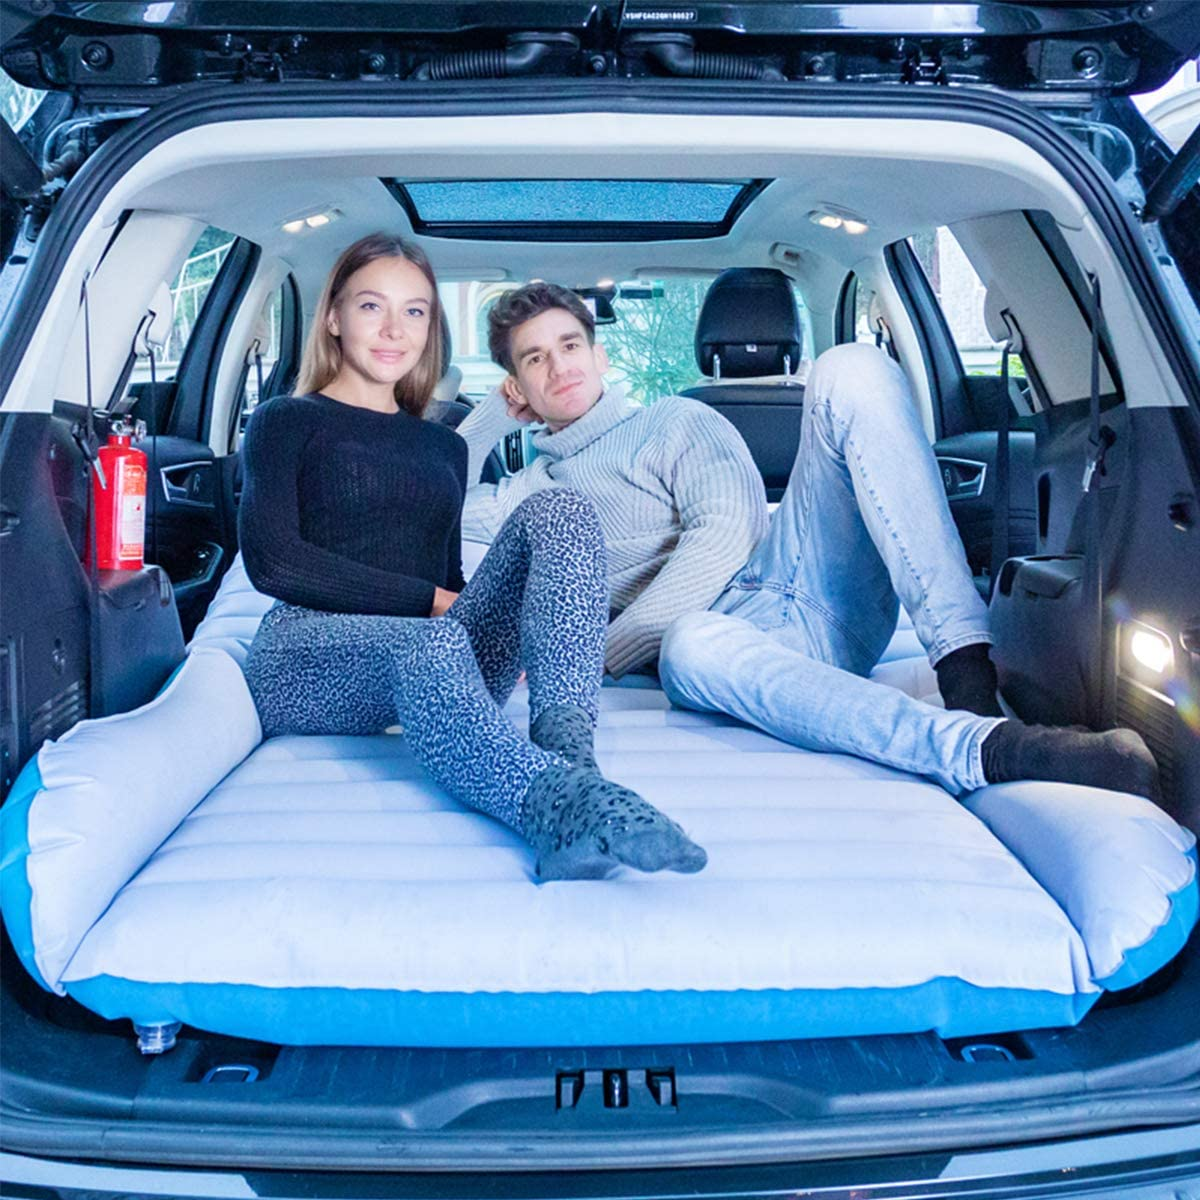 Camping QISE Matelas pneumatique de Voiture SUV Matelas de Camping Mobile Matelas de Voiture de Flocage Double Face avec Pompe pour Matelas de Voiture Lit Gonflable pour lit Gonflable pour Voyage